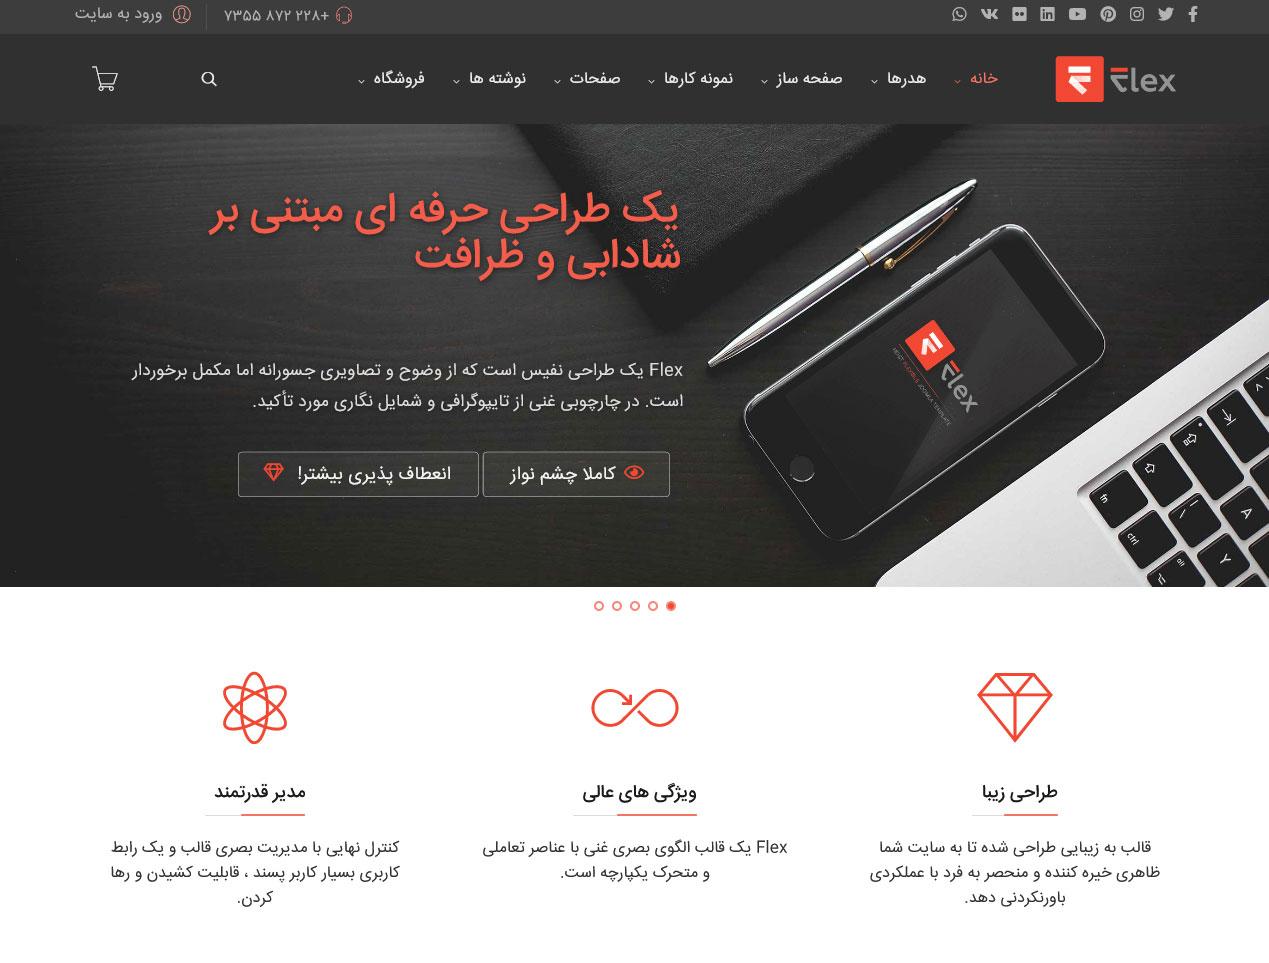 صفحه اصلی قالب فلکس Flex